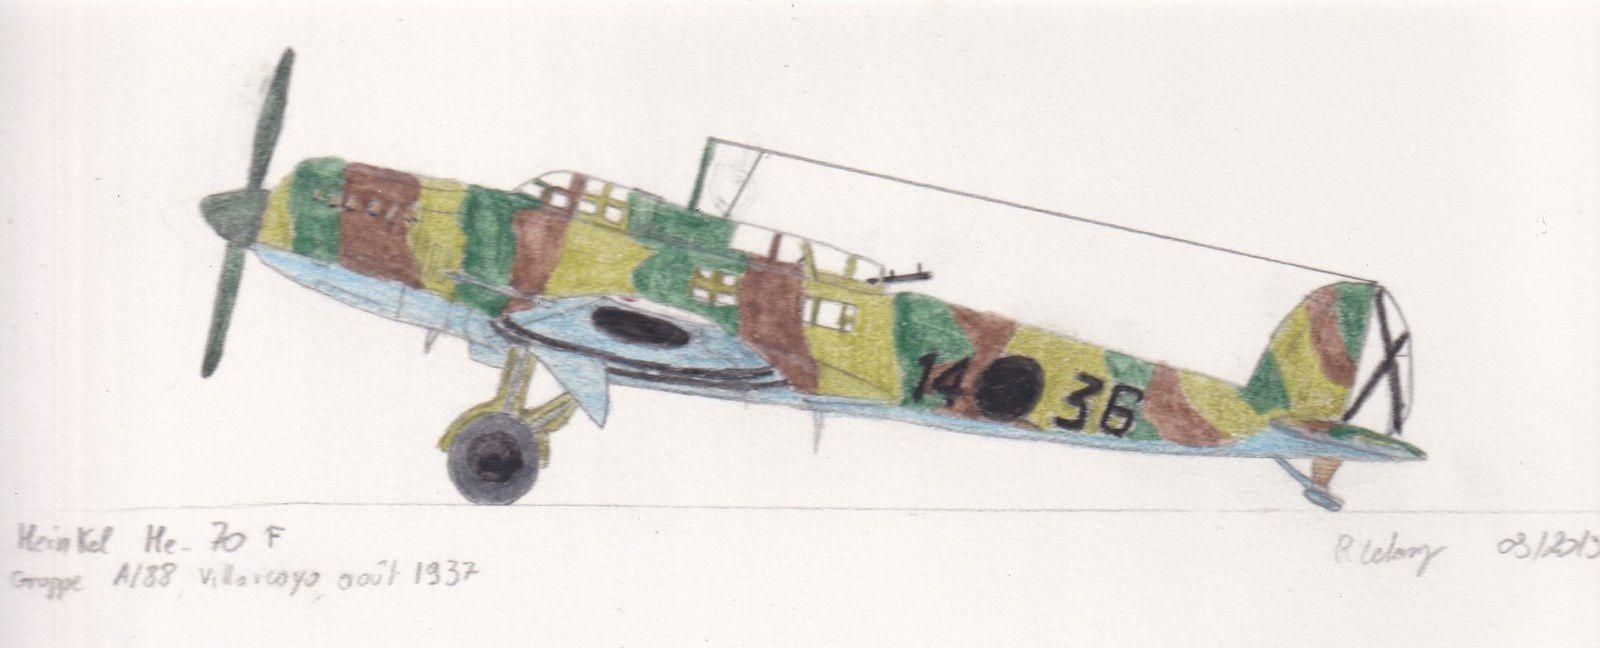 Un Heinkel He 70 F du Gruppe A/88, en août 1937.